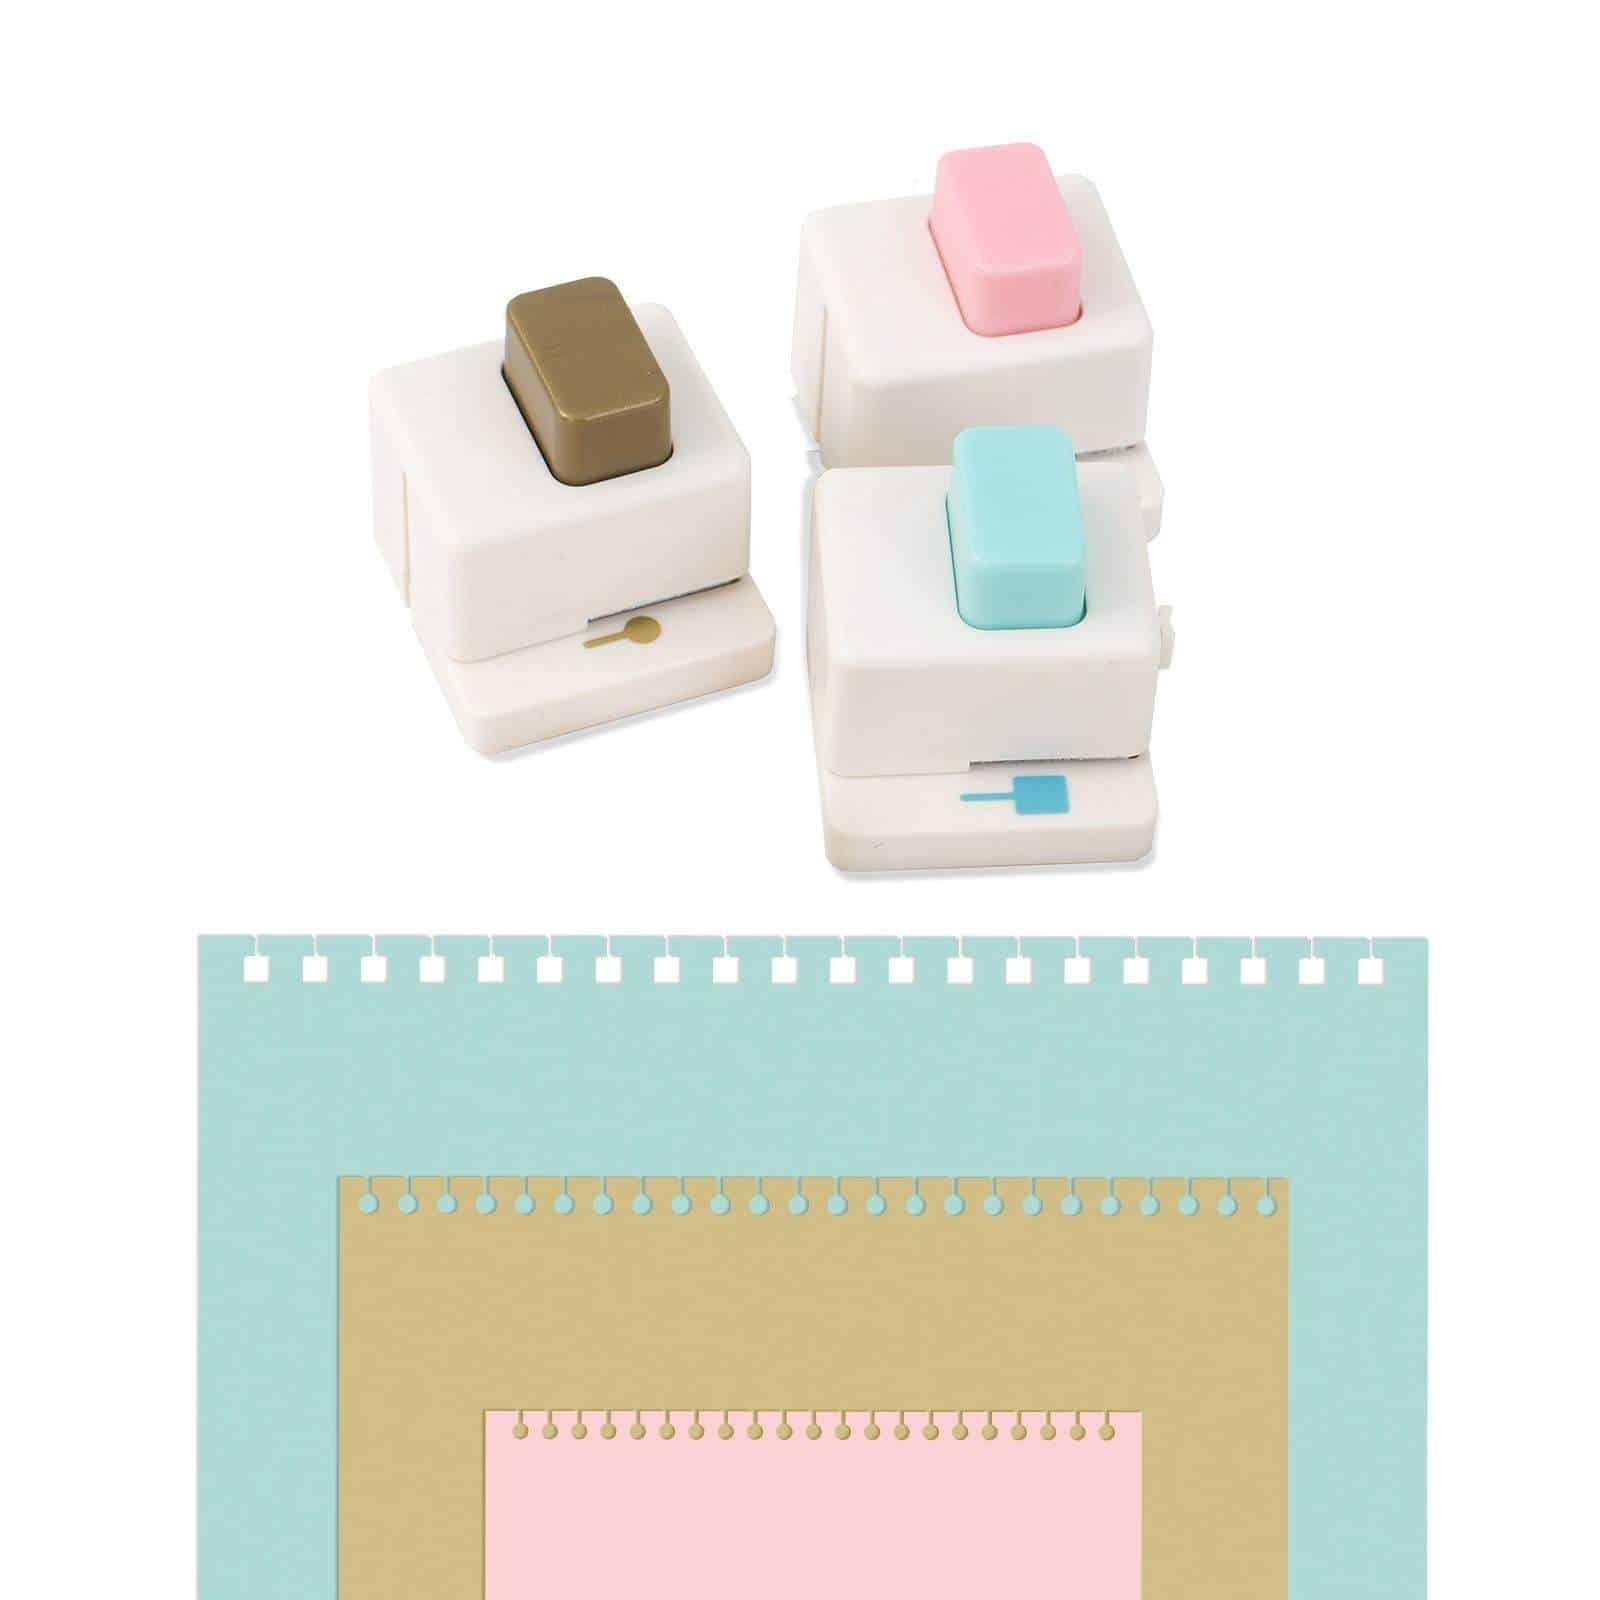 1000 δυο Εργαλεία για Crafters: We R Memory Keepers από την Papercraft! 5